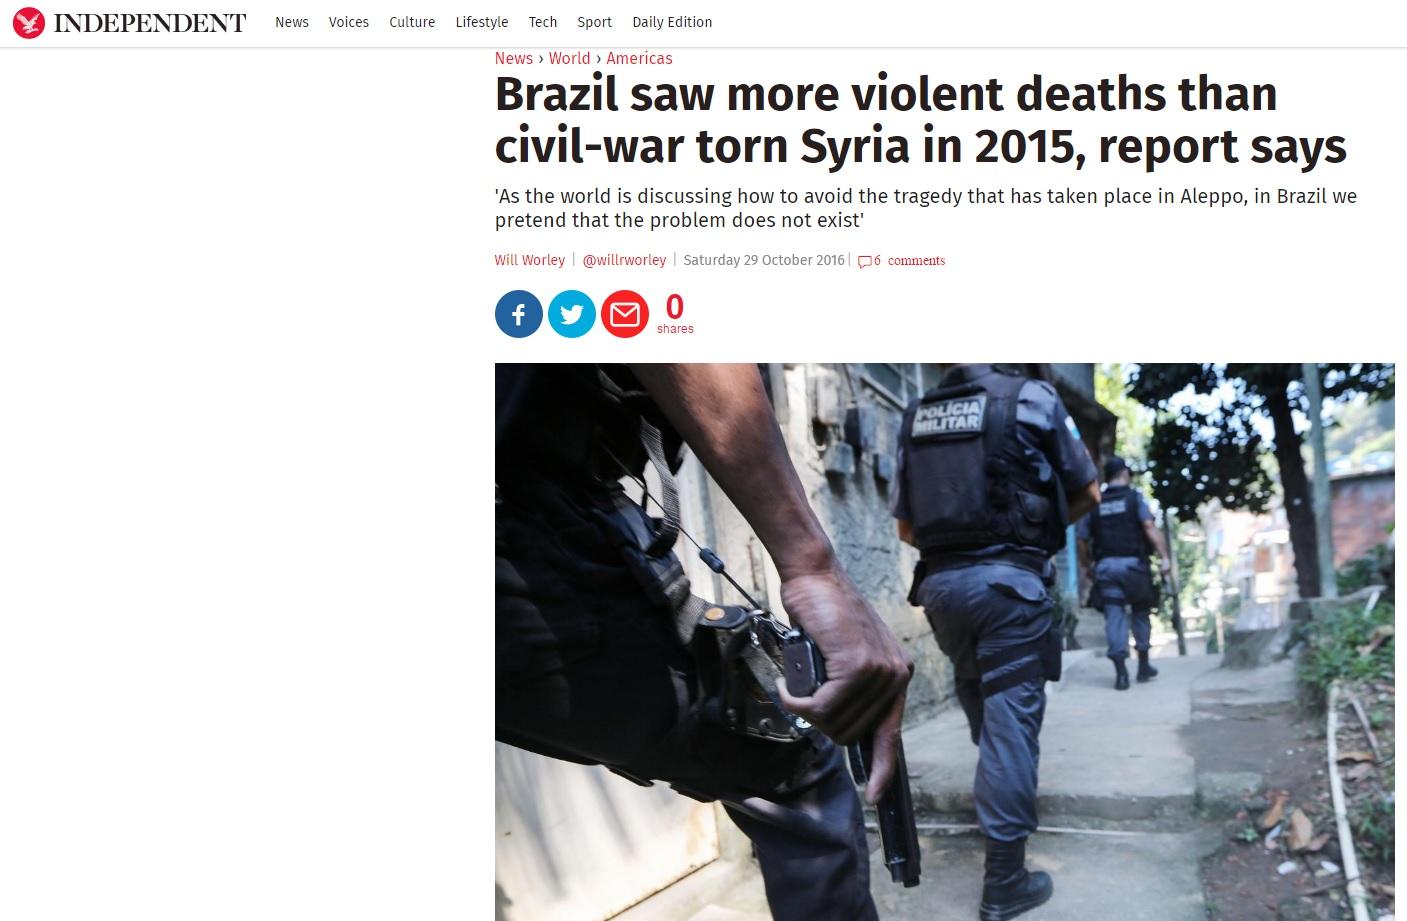 Imprensa estrangeira compara violência no Brasil a guerra na Síria